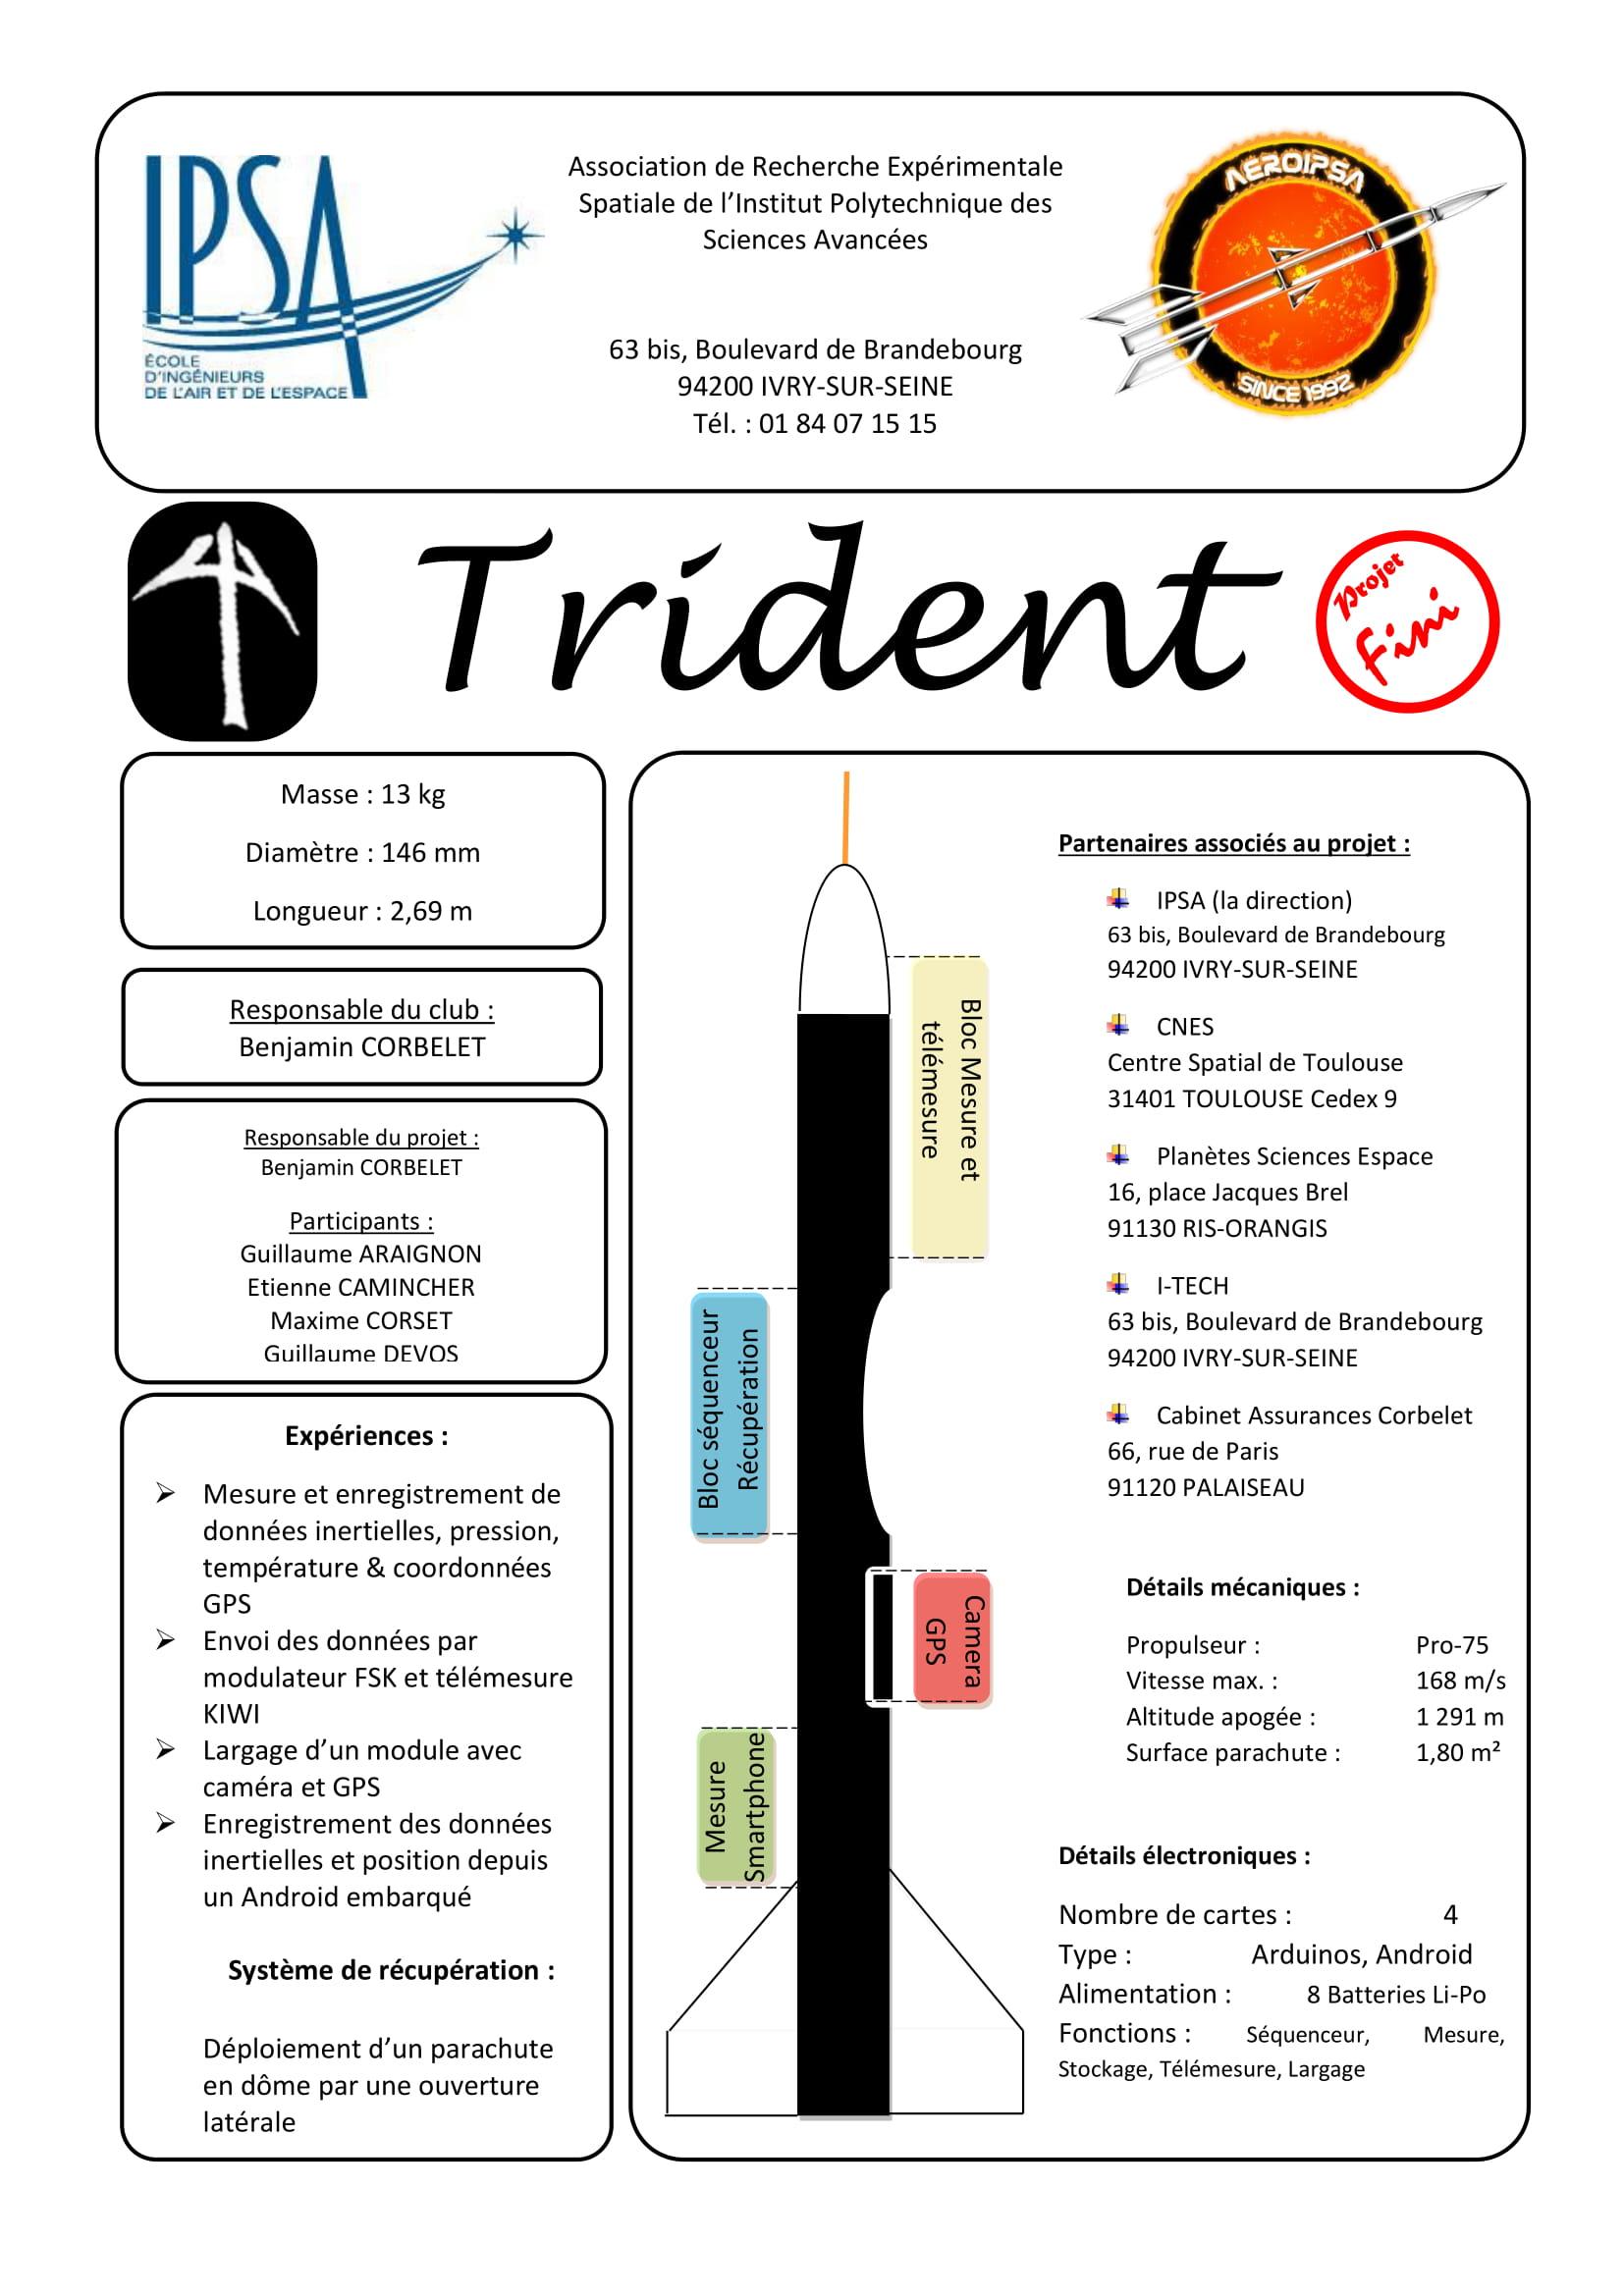 2017 Fiche Signalétique Trident-1.jpg